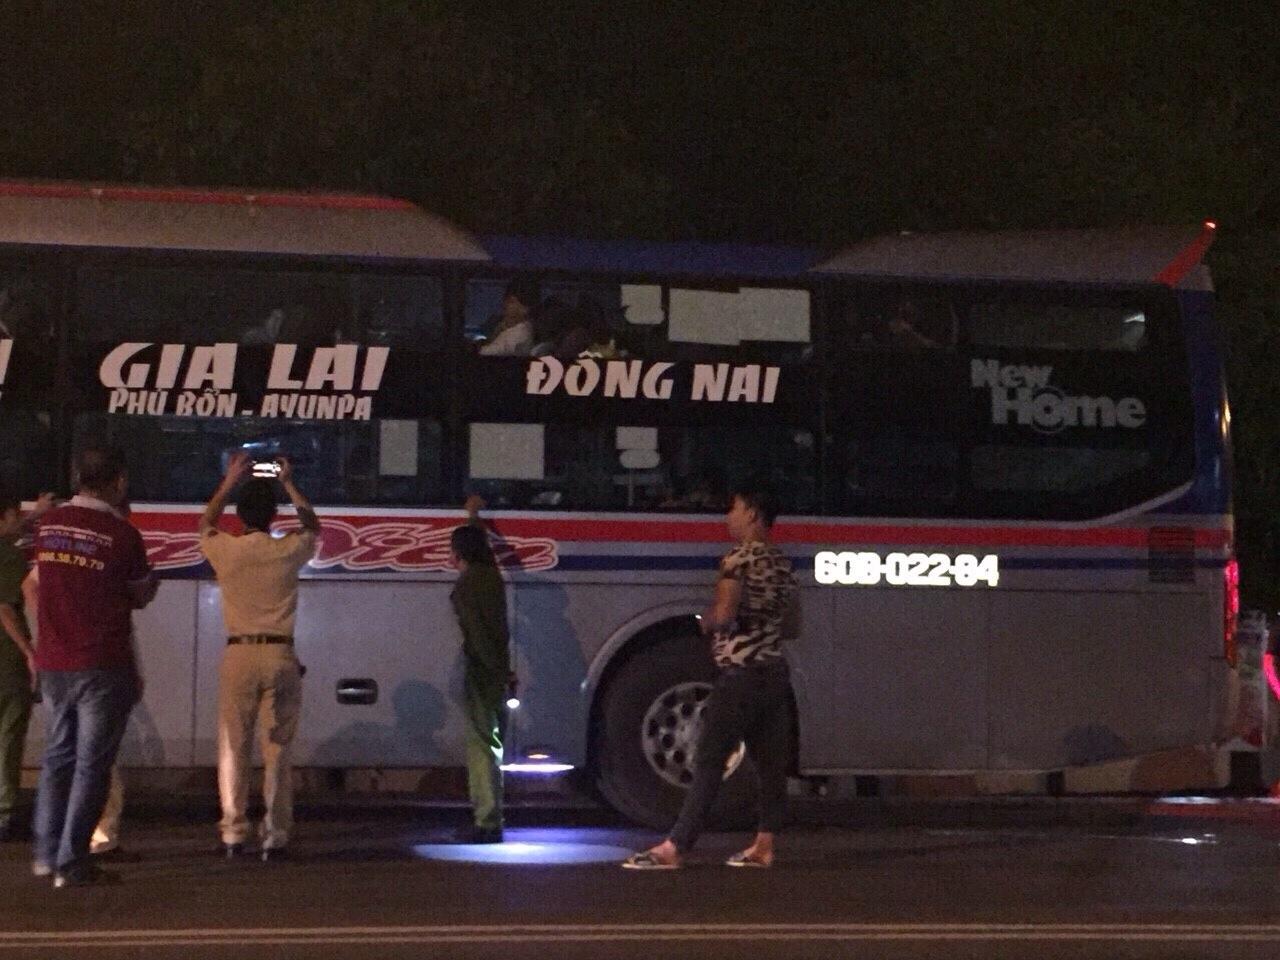 Xe khách giường nằm lại bị ném đá trên đường Hồ Chí Minh - 1